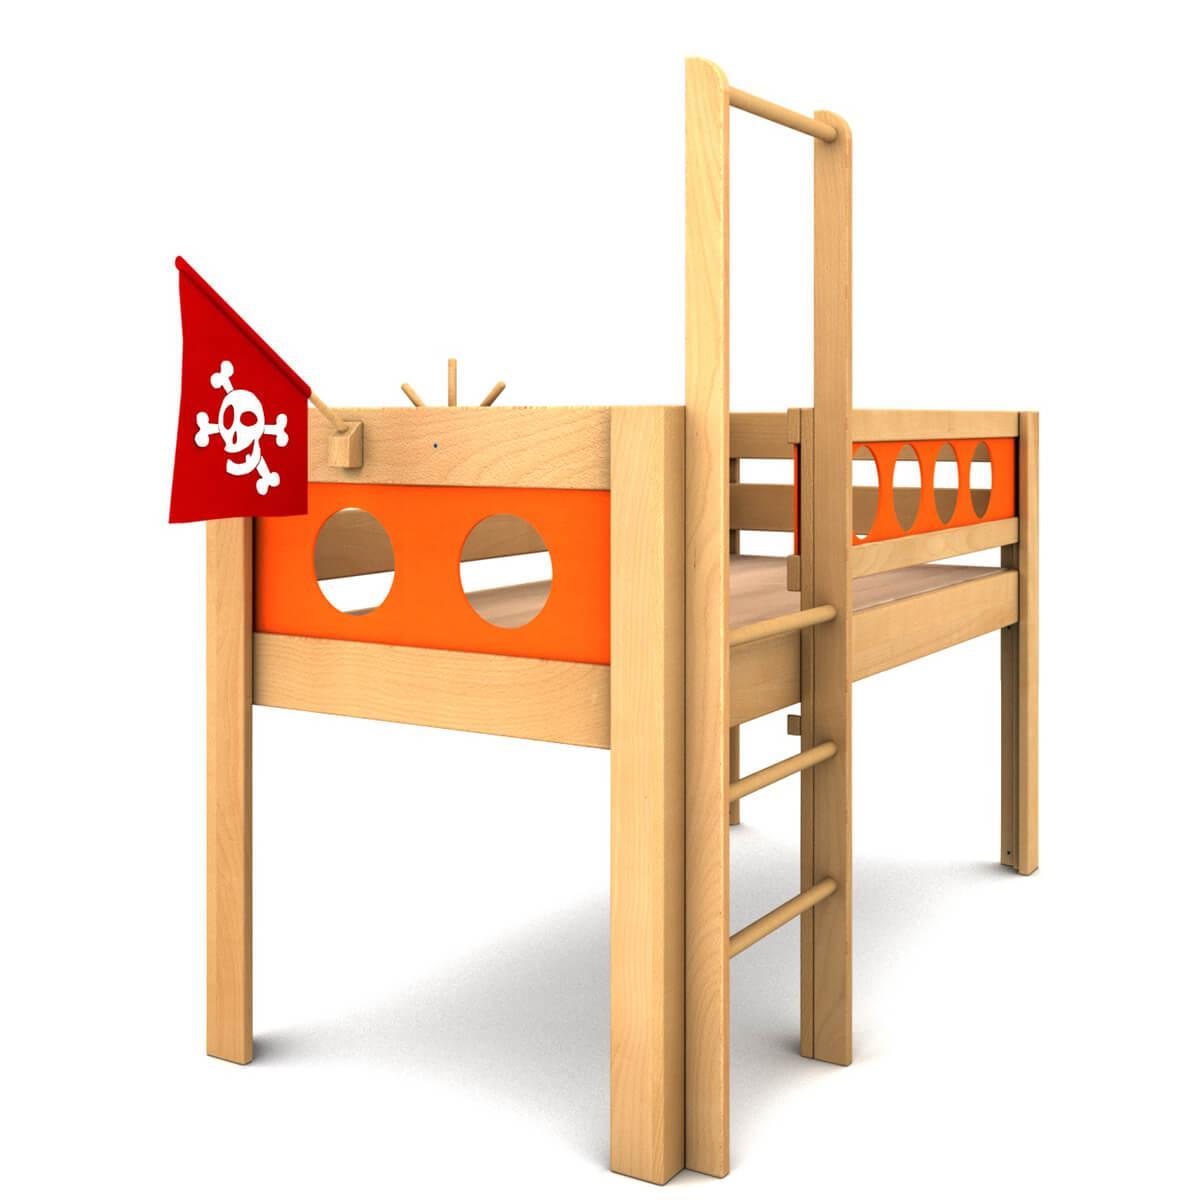 Lit surélevé Pirate DELUXE de Breuyn bois huilé-orange